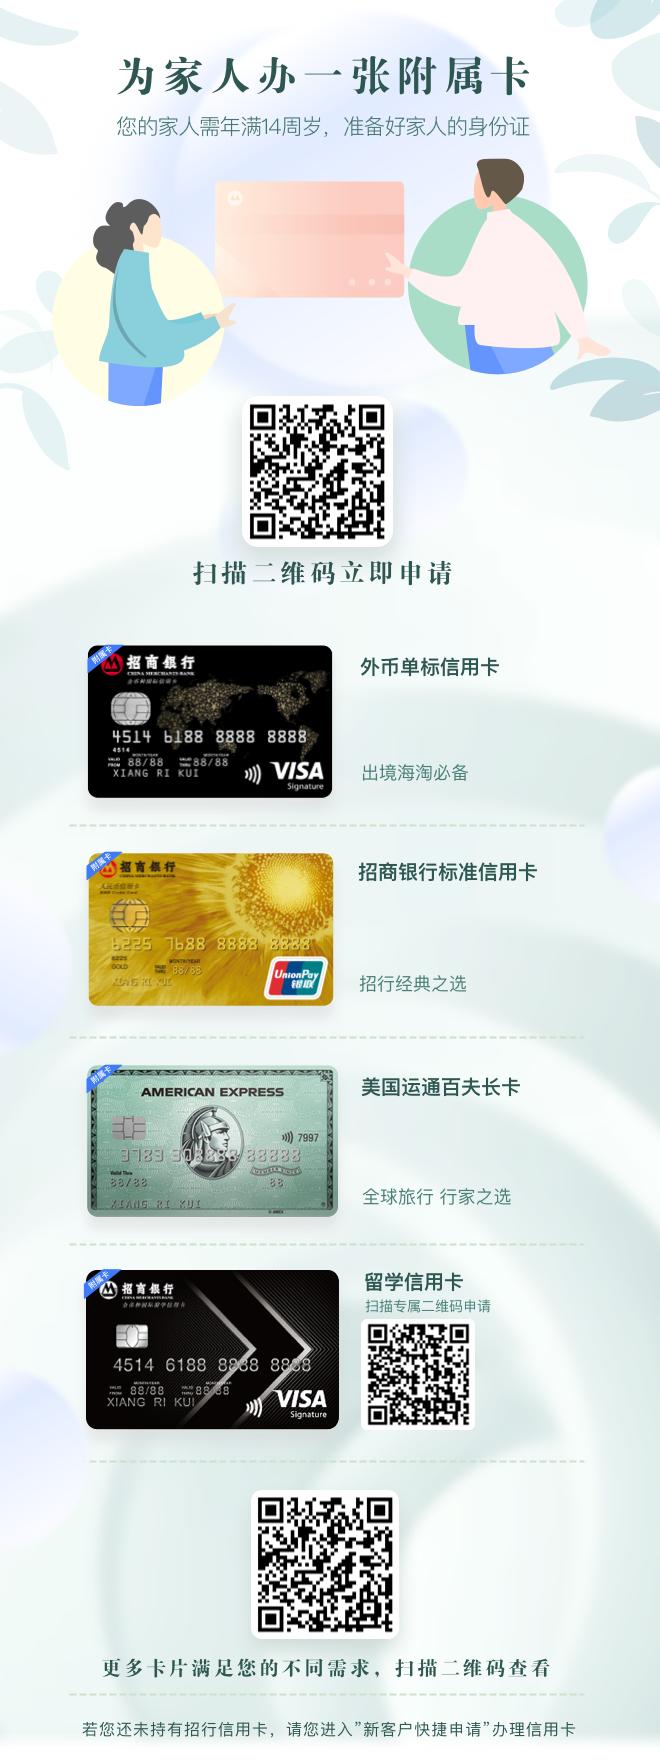 招商银行信用卡附属卡介绍